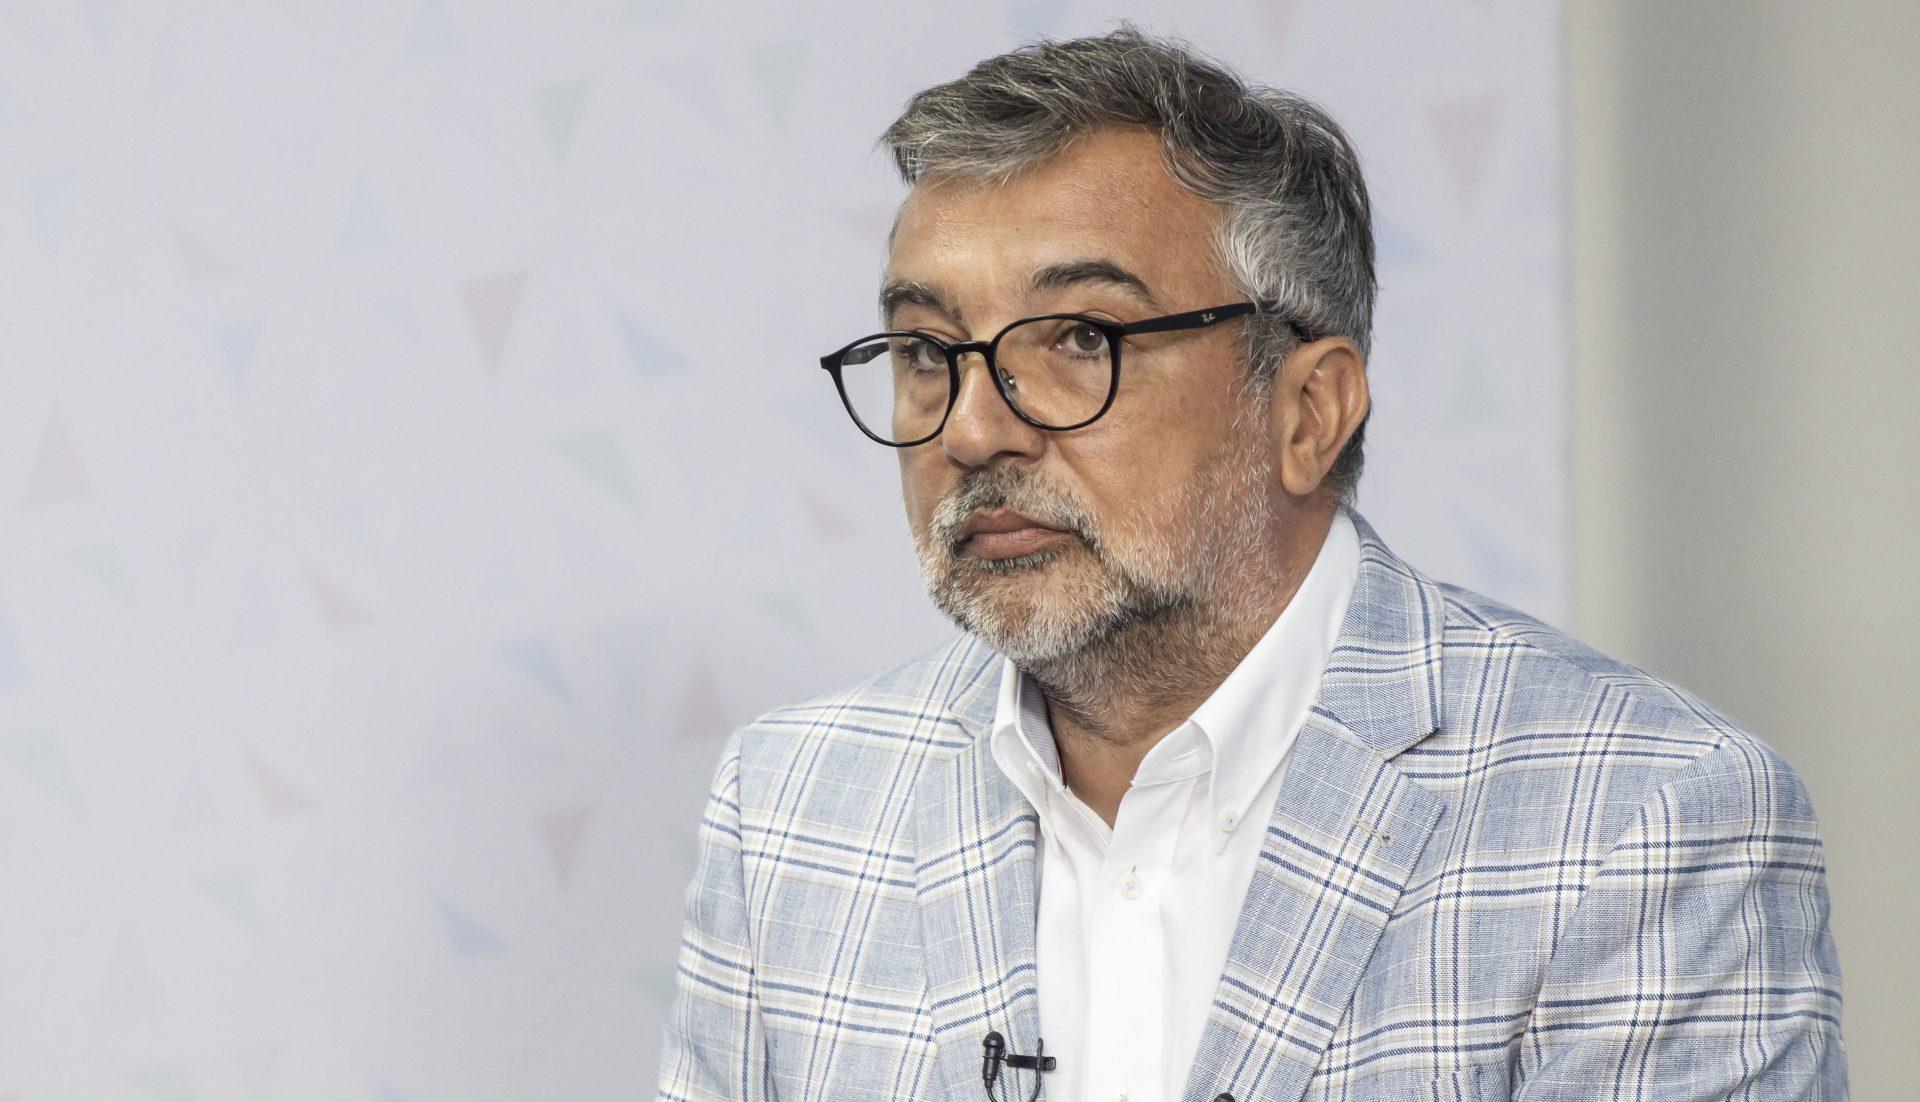 """Derapaj al purtătorului de cuvânt al PSD, la adresa jurnaliștilor: """"O să mai primească o p***"""". Romașcanu a fost suspendat din funcție"""